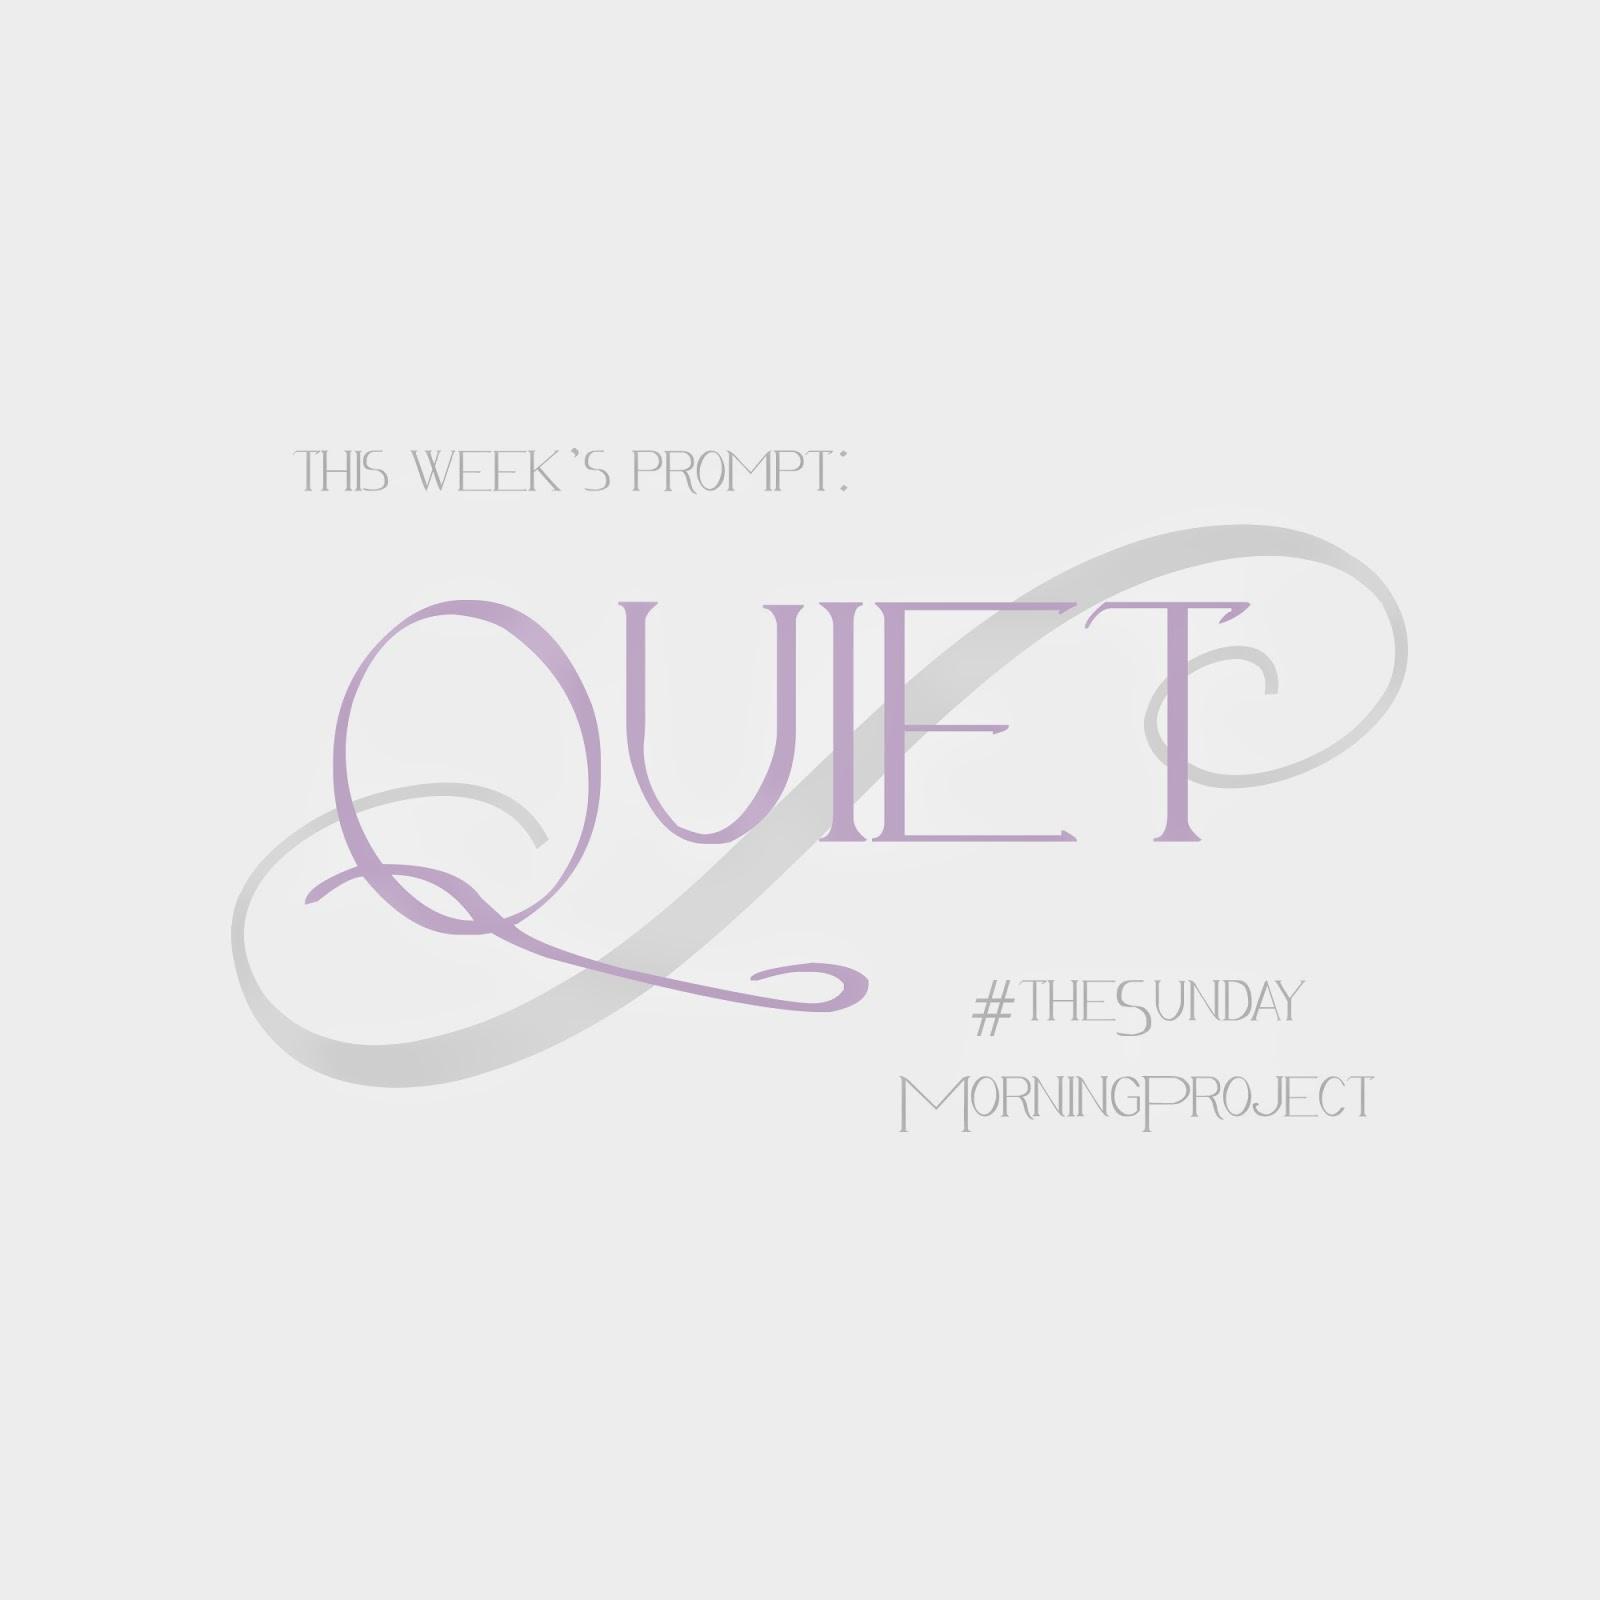 This weeks art prompt: Quiet